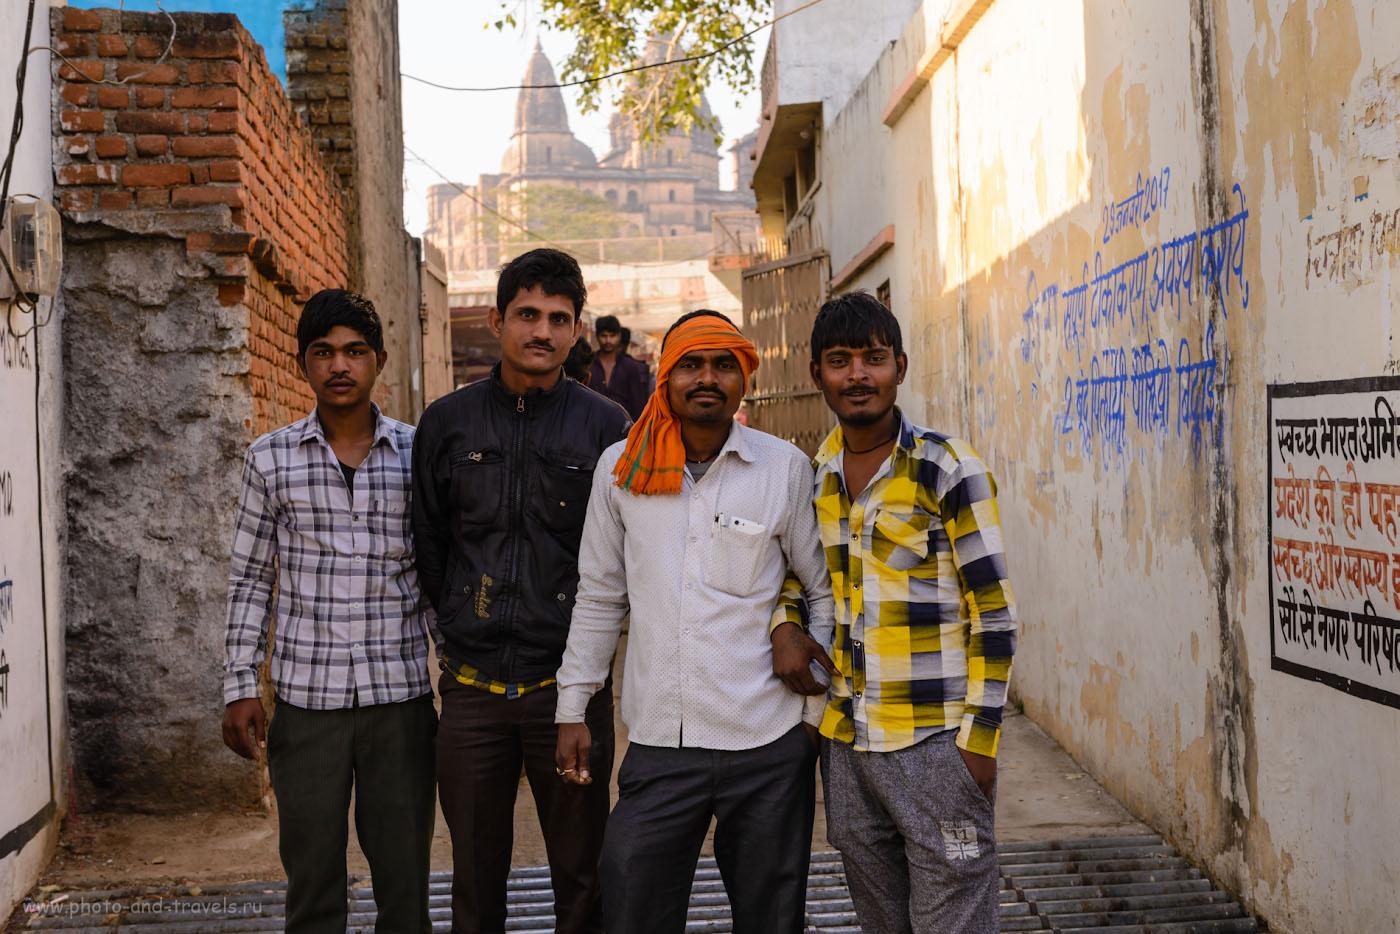 Фото 12. Репортажи с улиц Орчхи. Отчет о незабываемом путешествии по центральным штатам Индии. 1/100, 5.6, 125, 48.